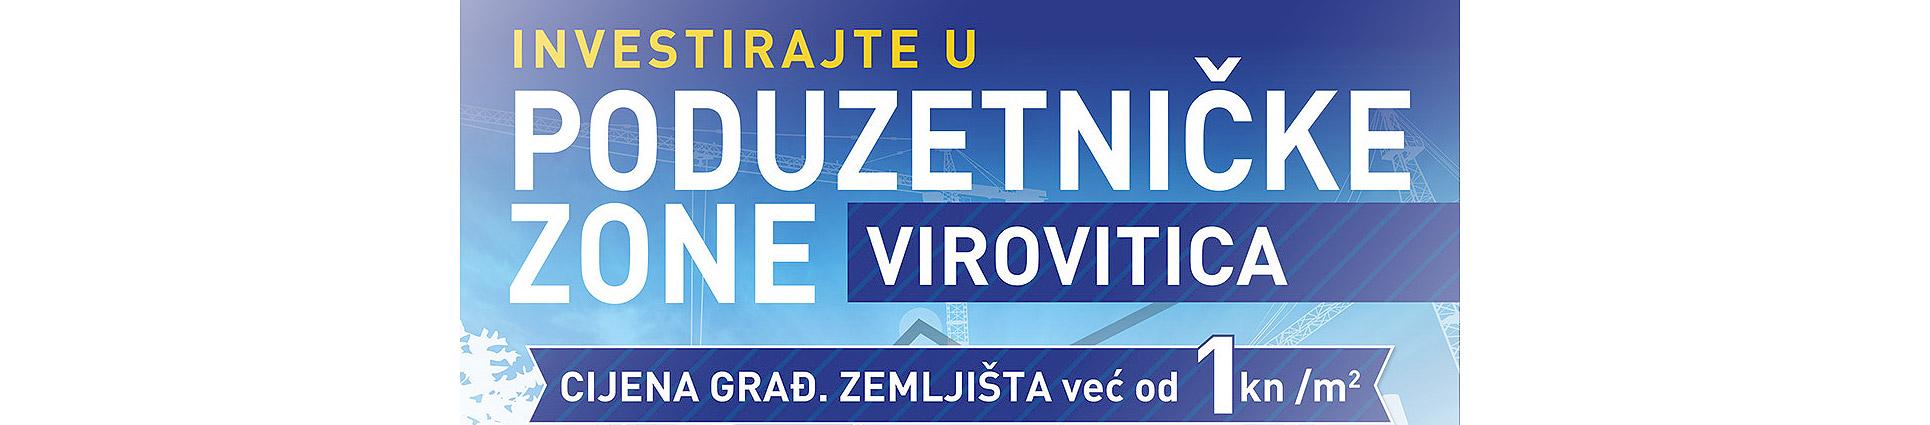 pod_zone